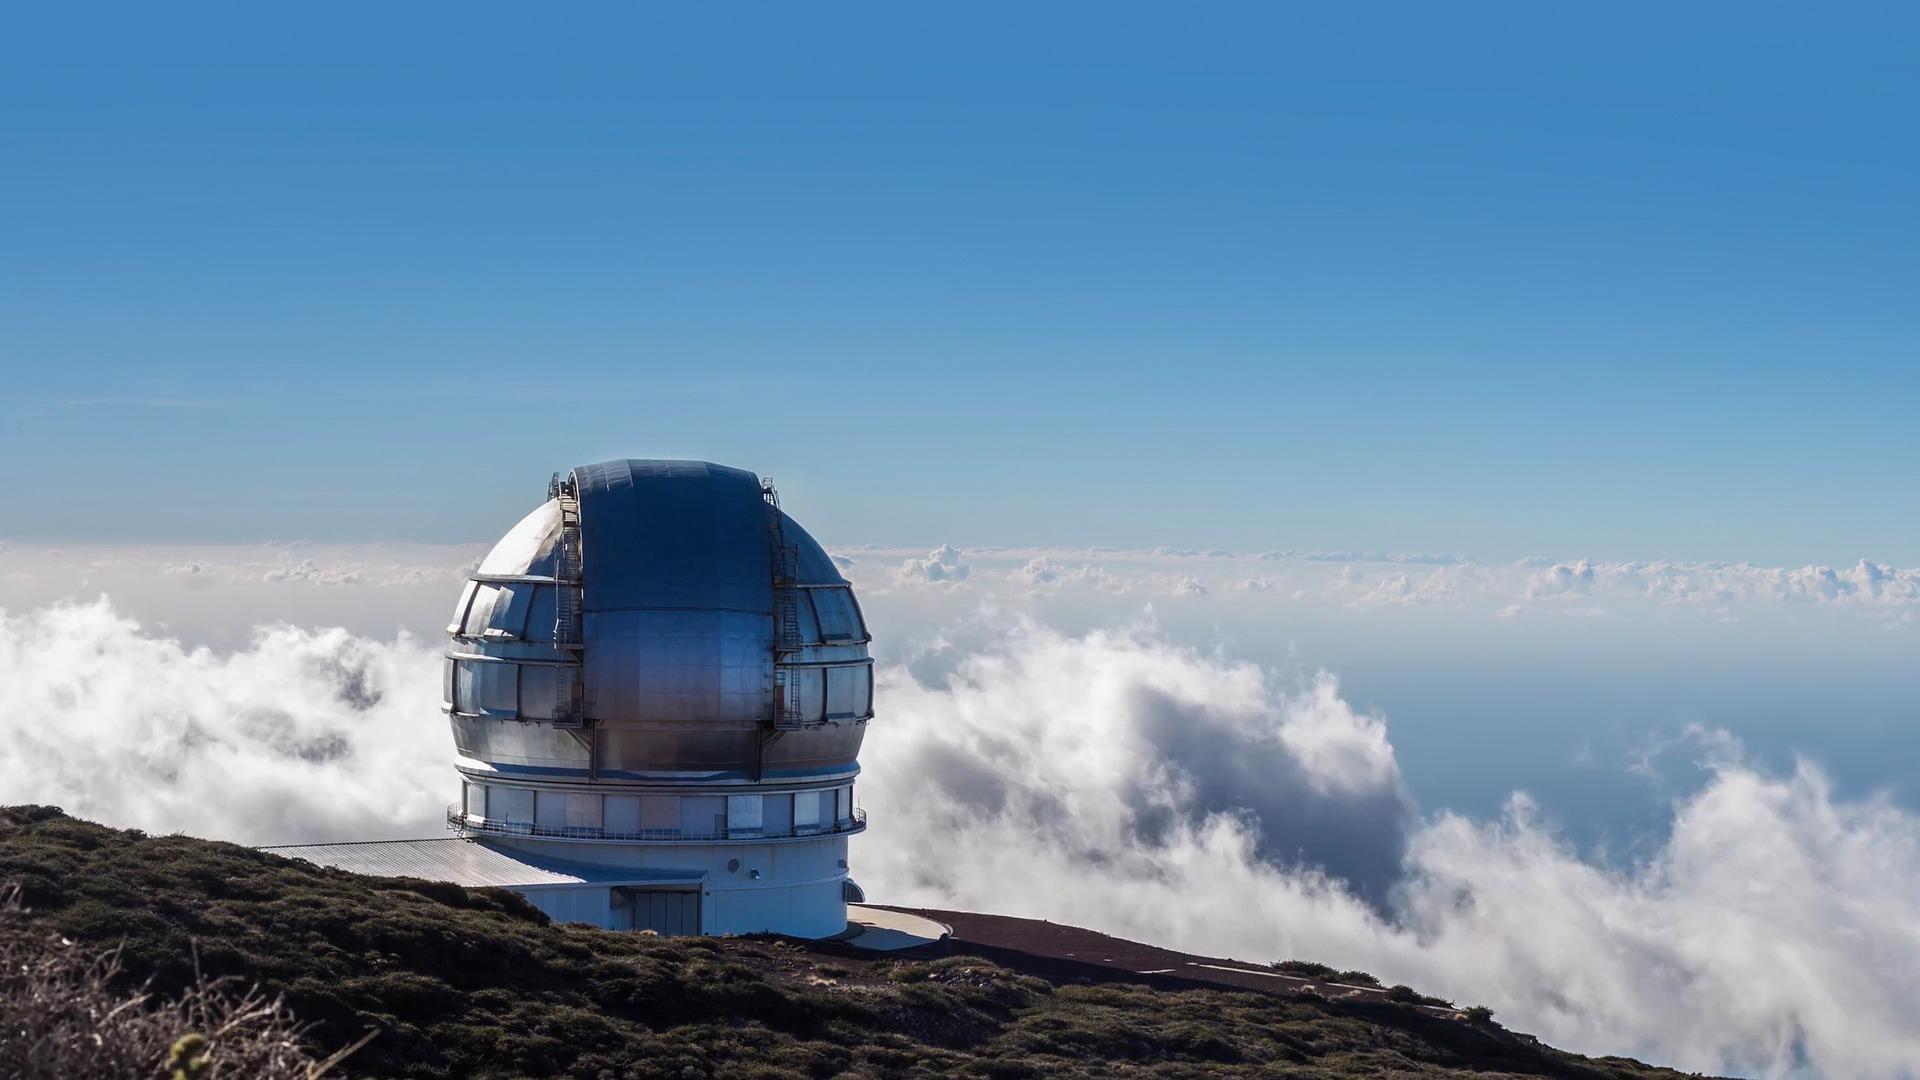 Canarias Observatorio